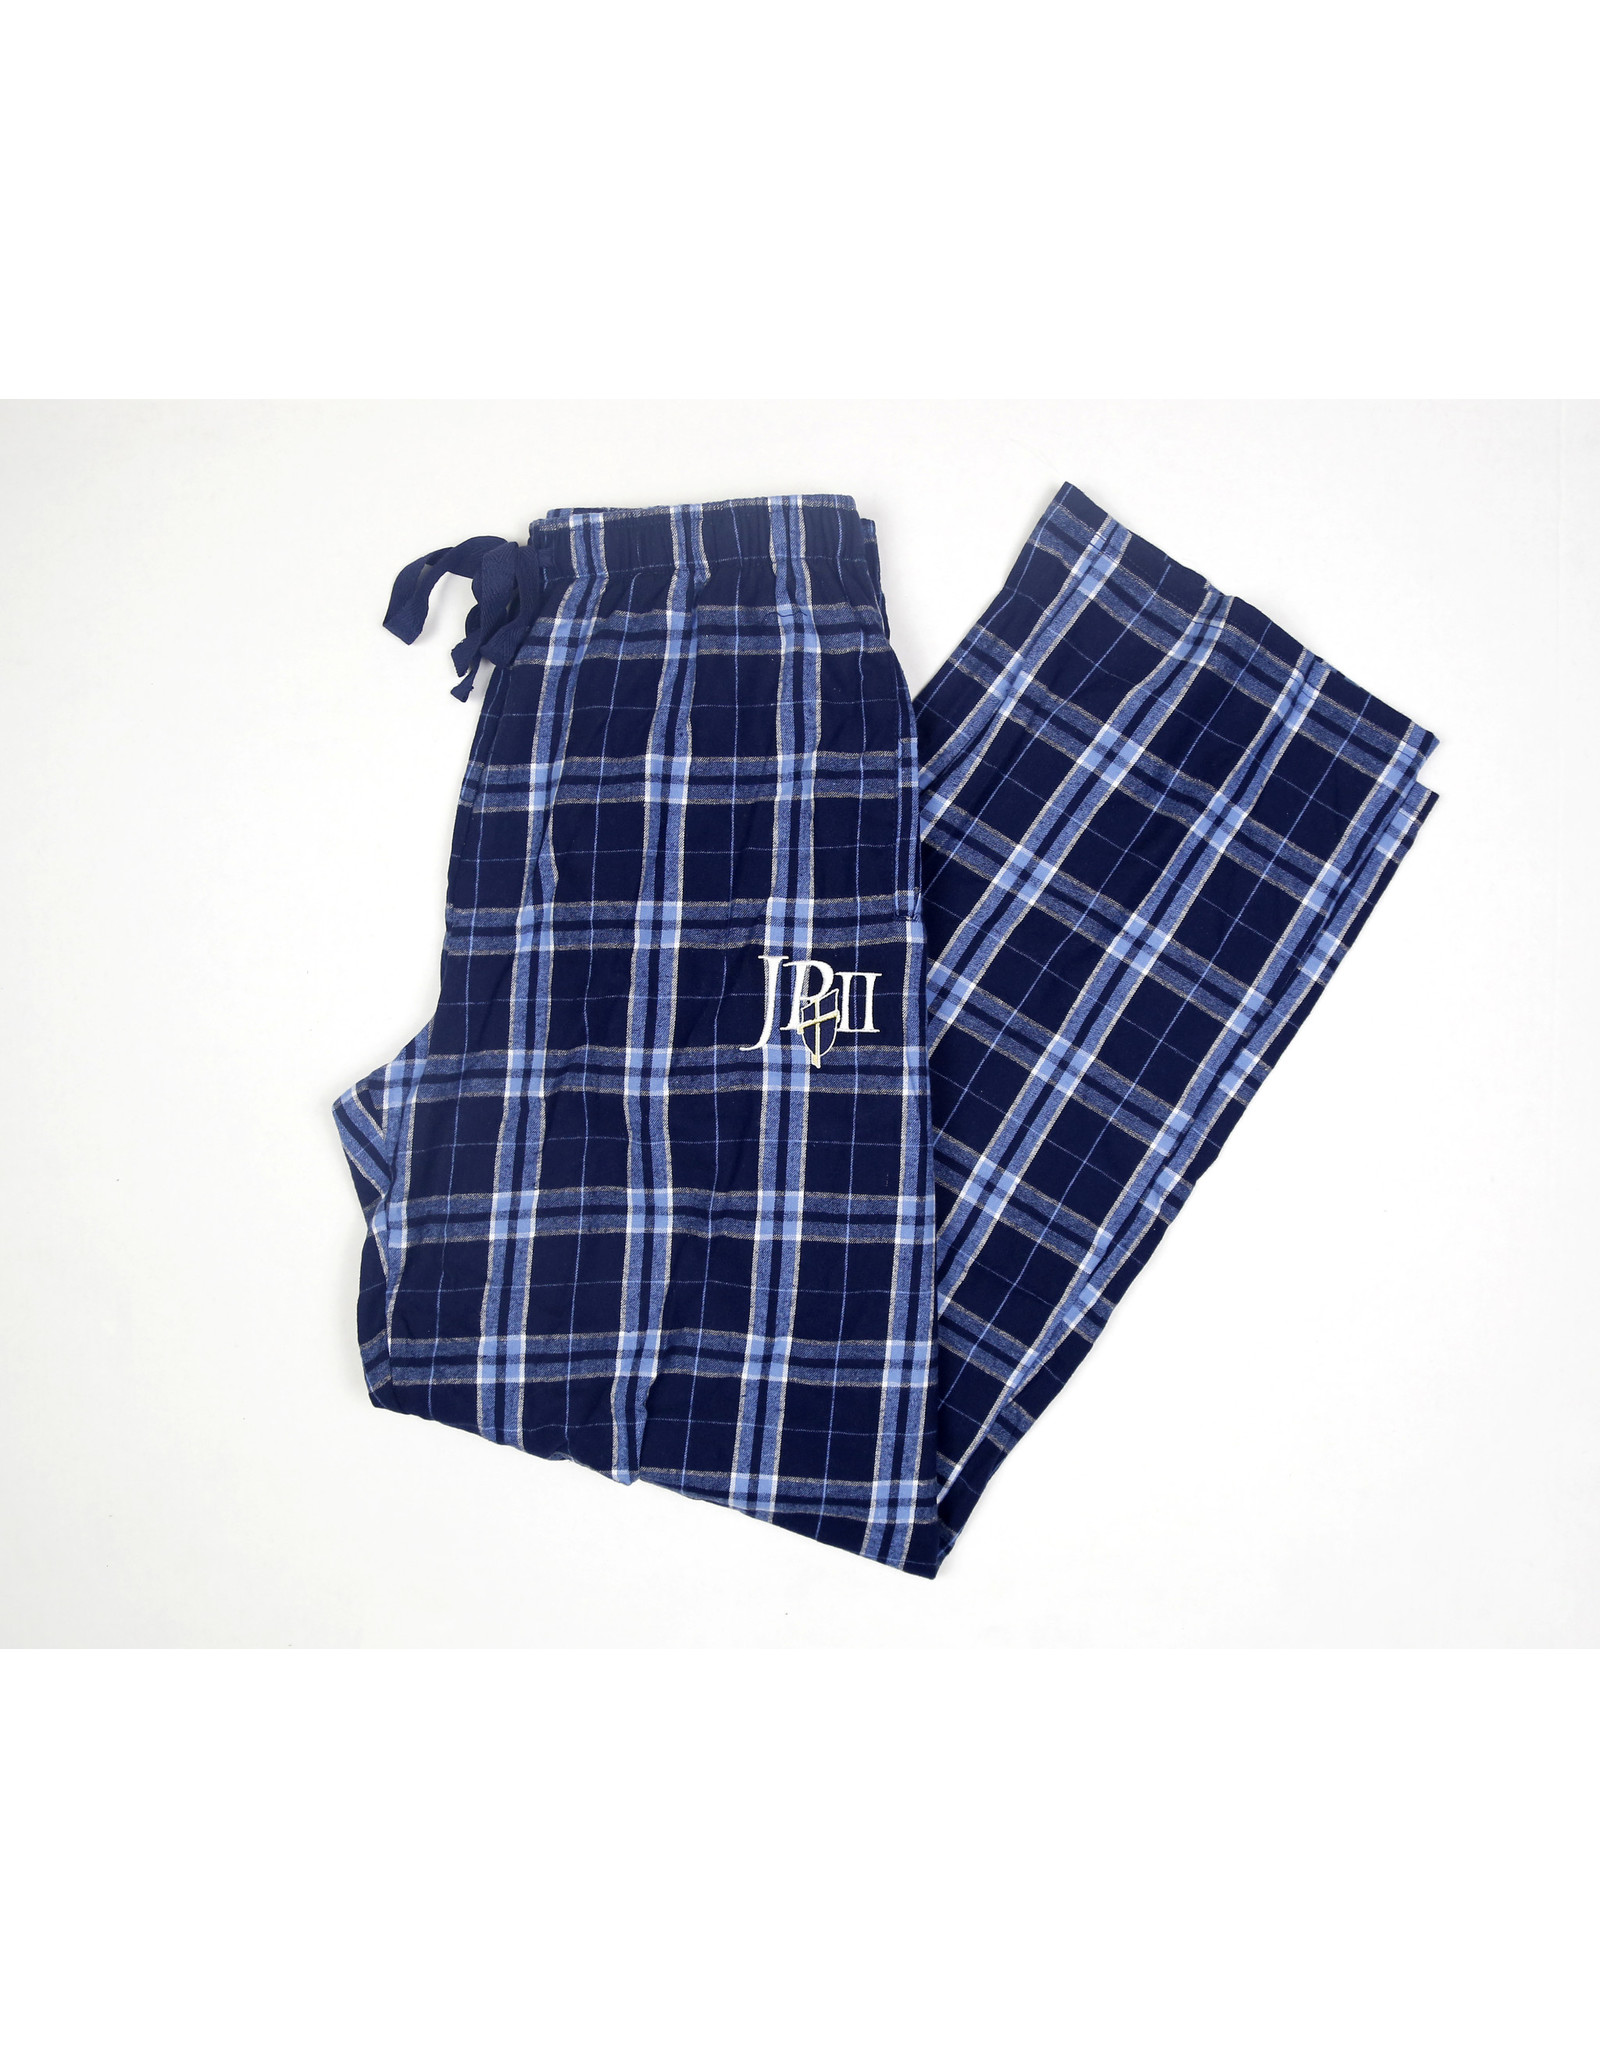 Boxercraft Pajama Bottoms Navy Plaid / JPII Shield